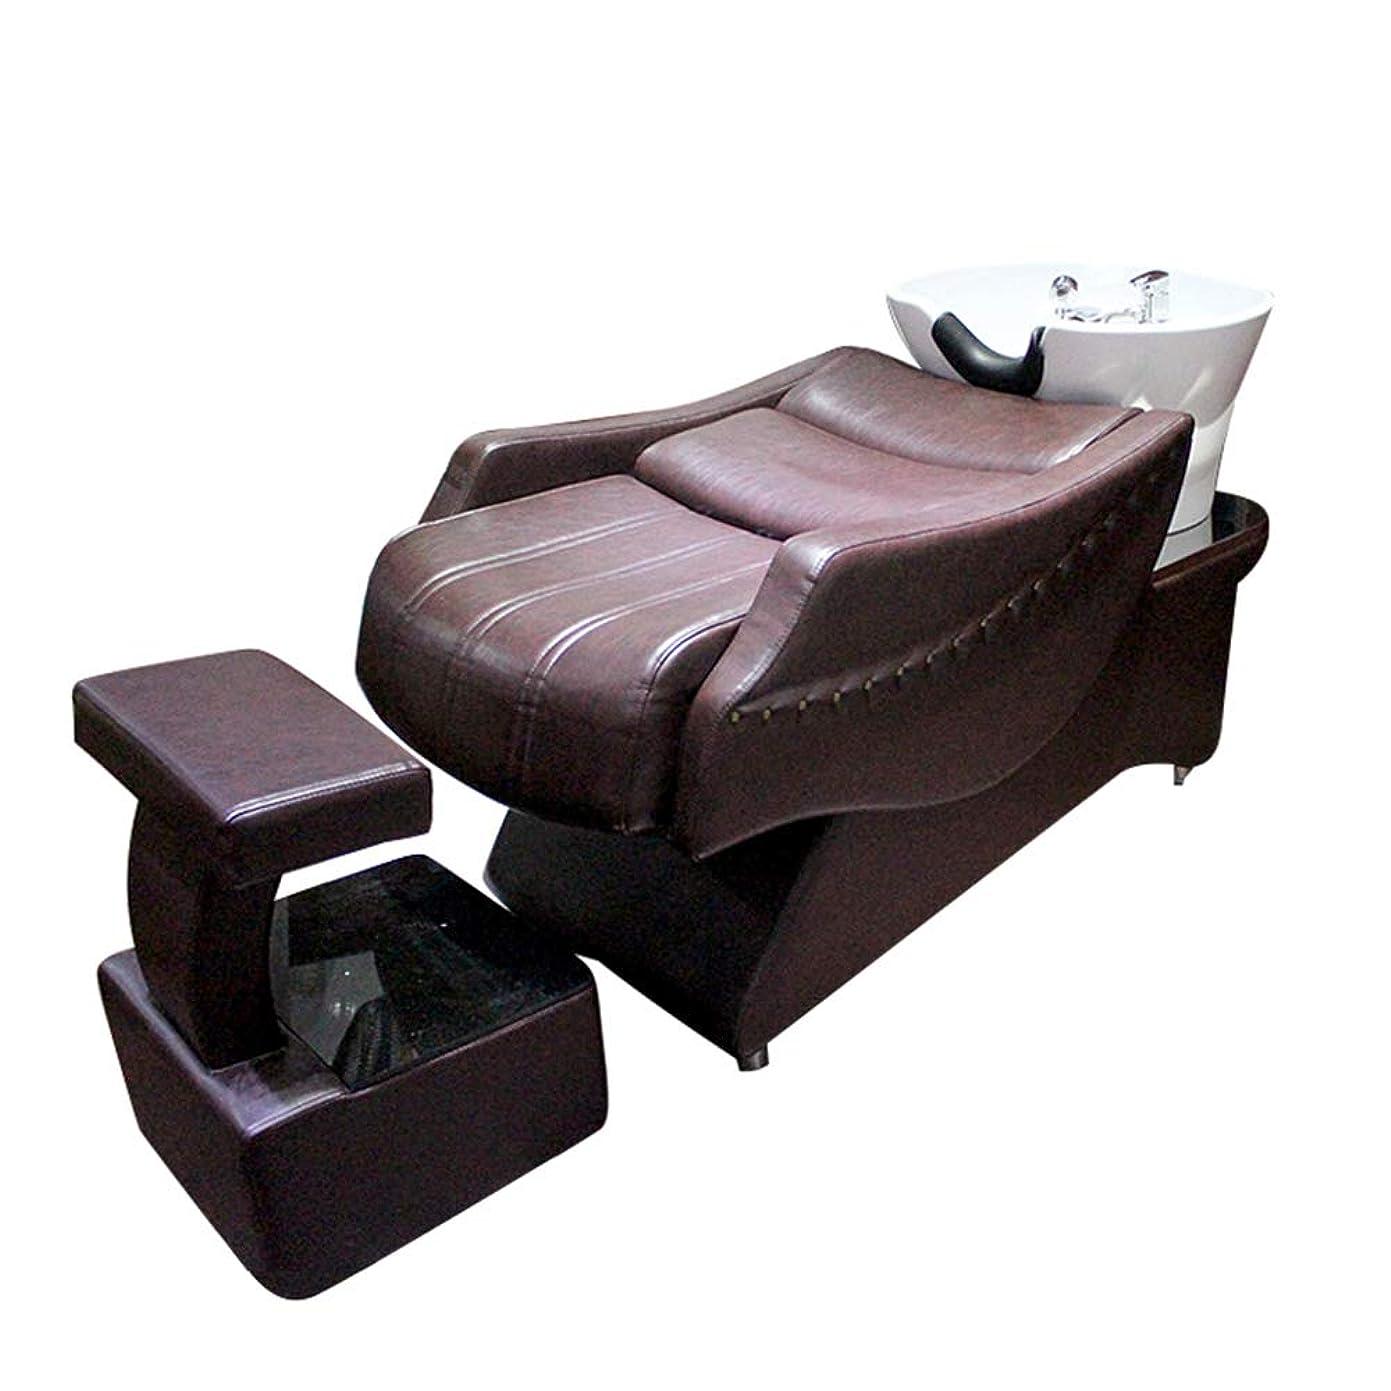 分析すばらしいです委託シャンプーチェア、半横になっているシャンプーベッドの逆洗ユニットシャンプーボウル理髪シンクシンクチェア用スパ美容院機器